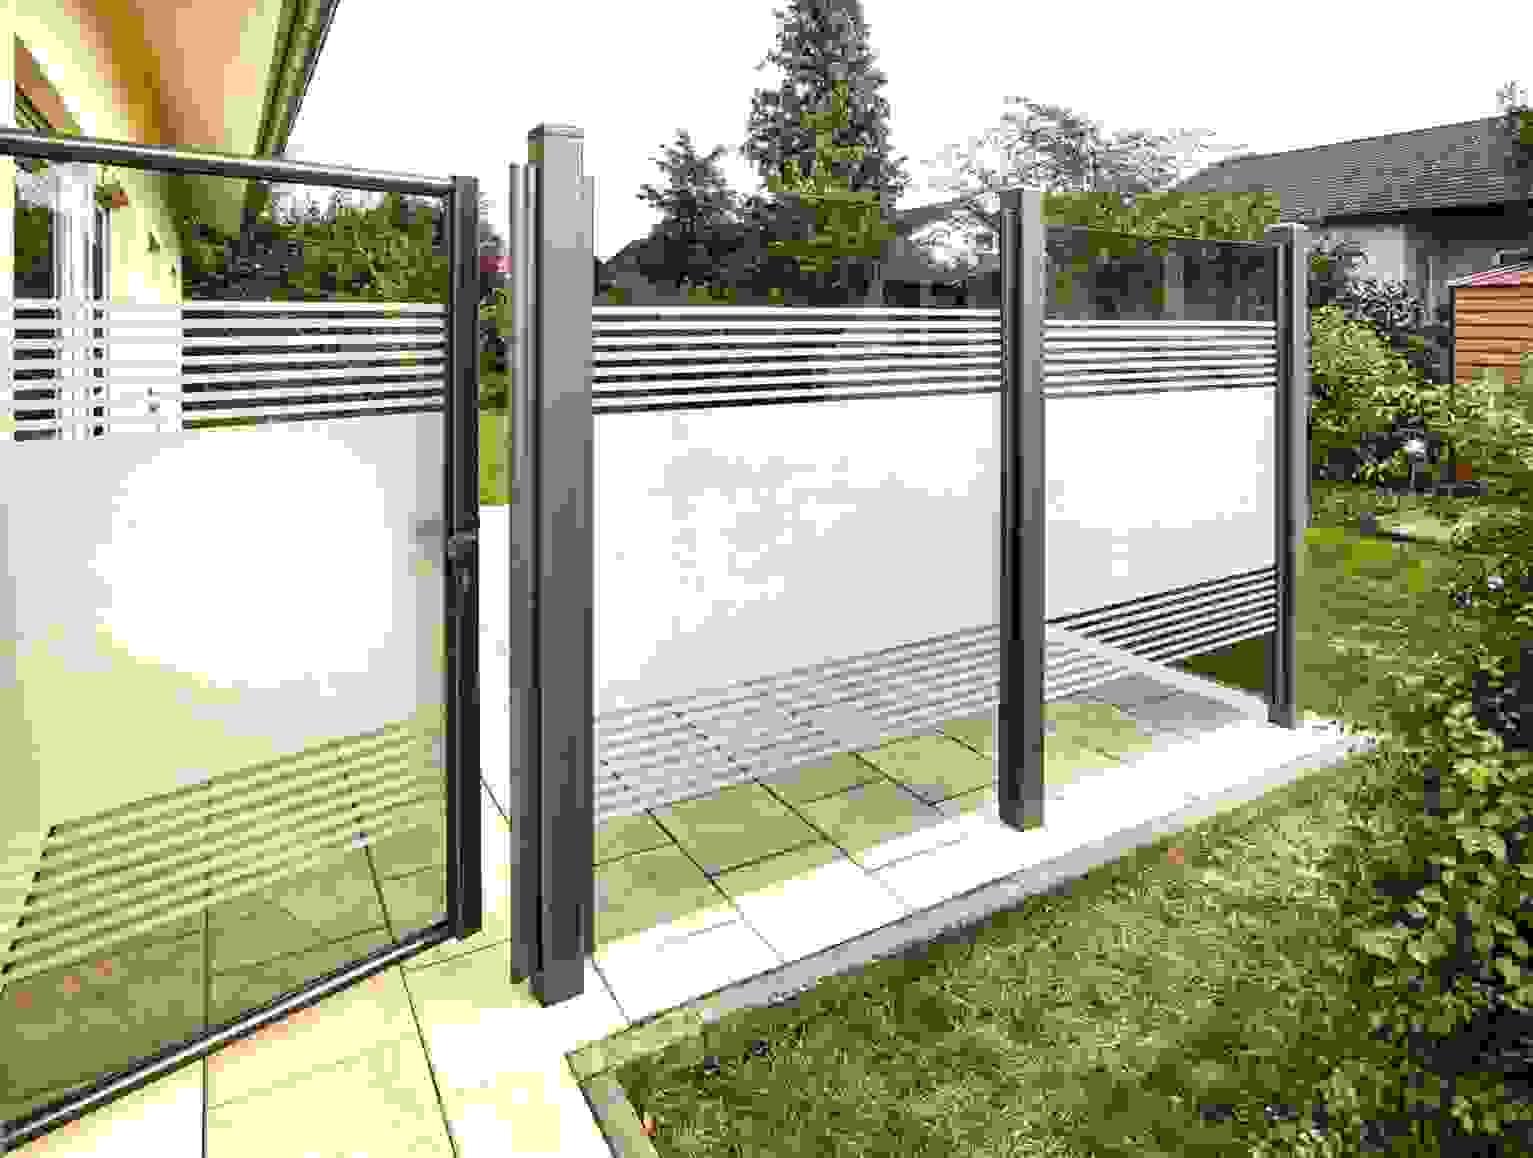 Einzigartig 40 Balkon Sichtschutz Selber Machen Konzept von Sichtschutz Balkon Selber Machen Bild